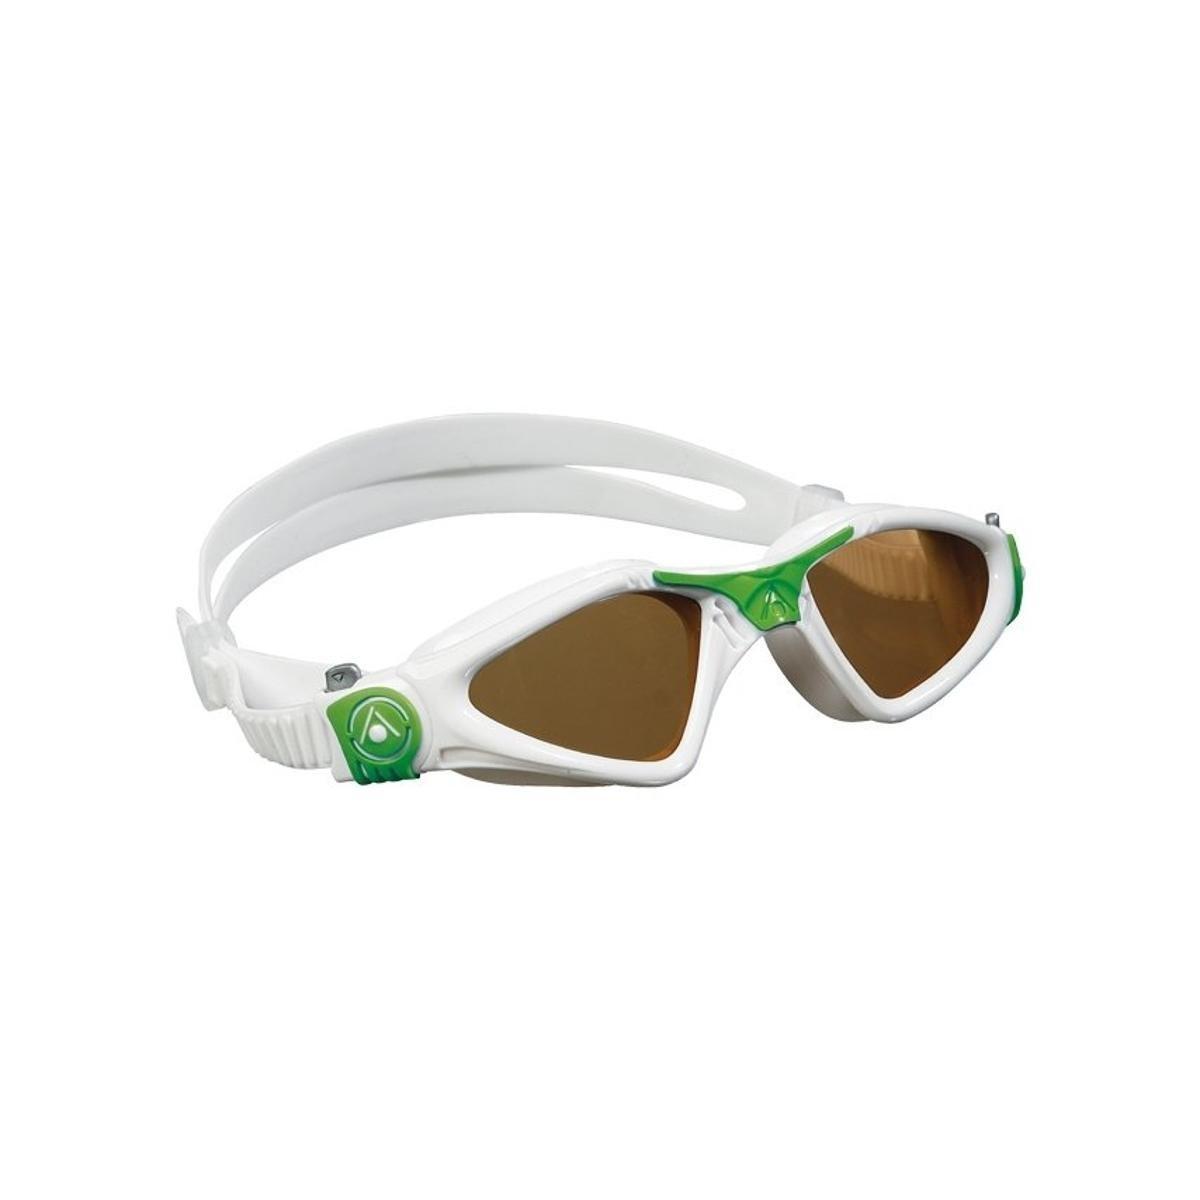 Óculos de Natação Aqua Sphere Kayenne Small Bc/Vd Polarizado